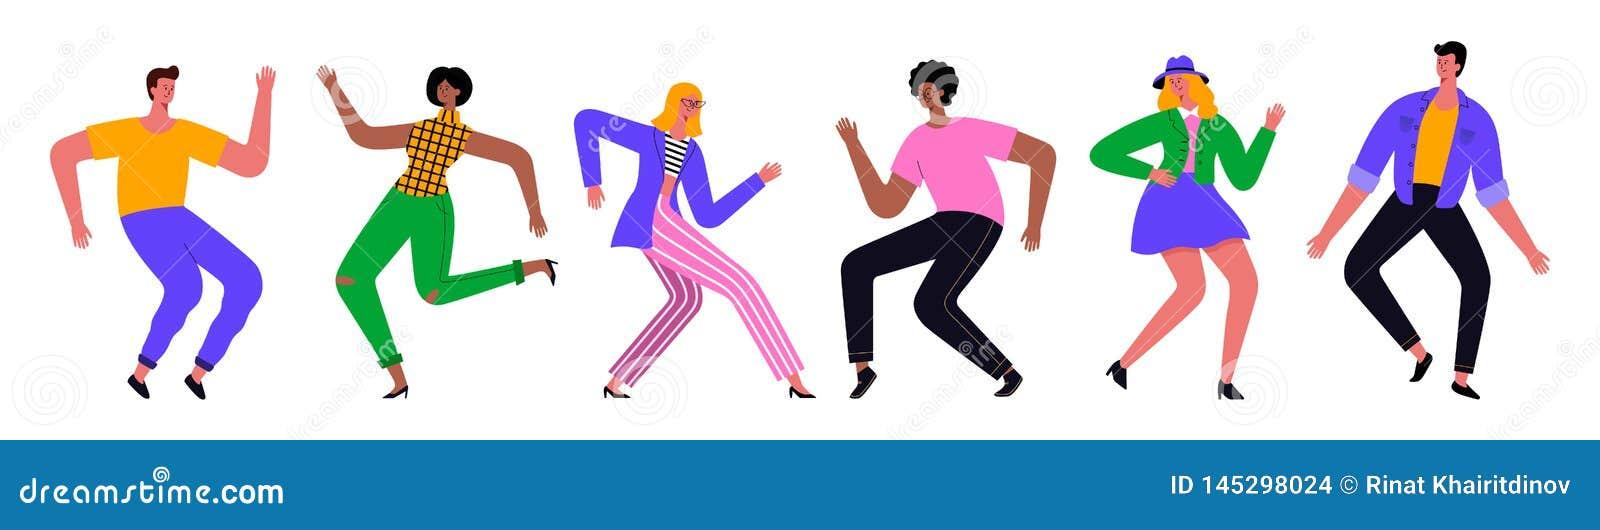 Ομάδα ευτυχών χορεύοντας νέων ή αρσενικών και θηλυκών χορευτών Διανυσματικό επίπεδο σχέδιο απεικόνισης